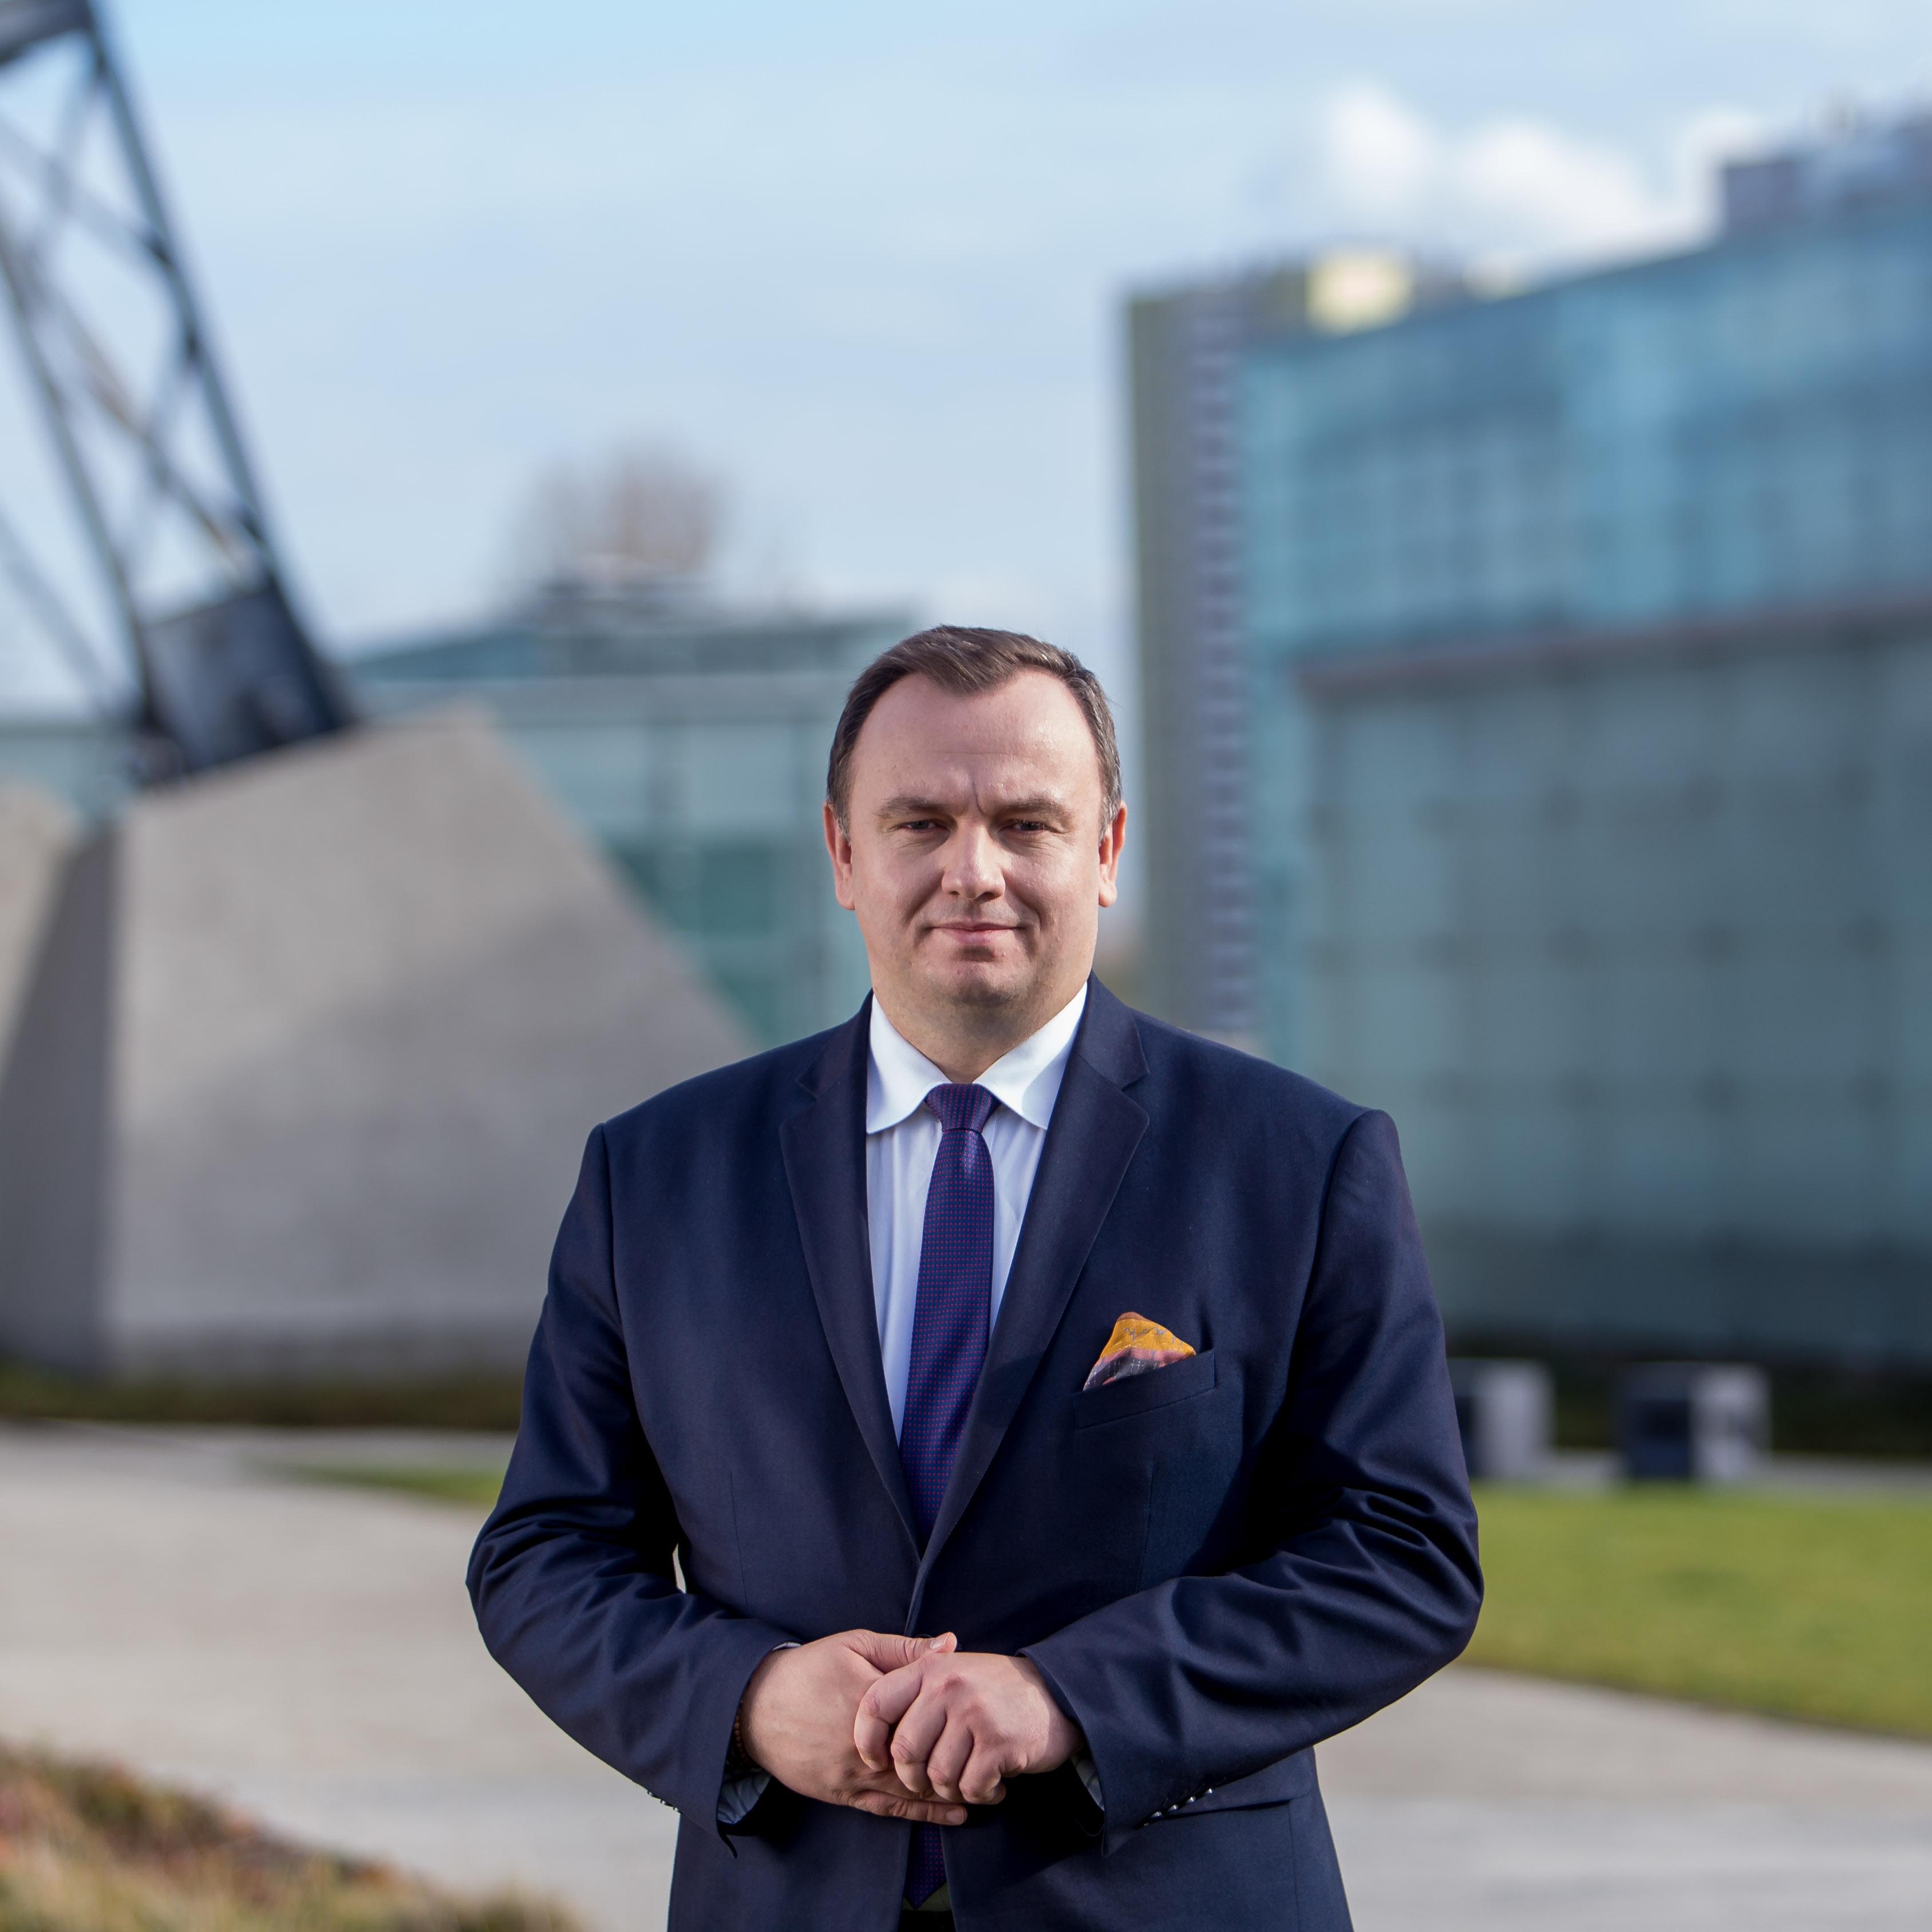 Marszałek Województwa Śląskiego - Jakub Chełstowski